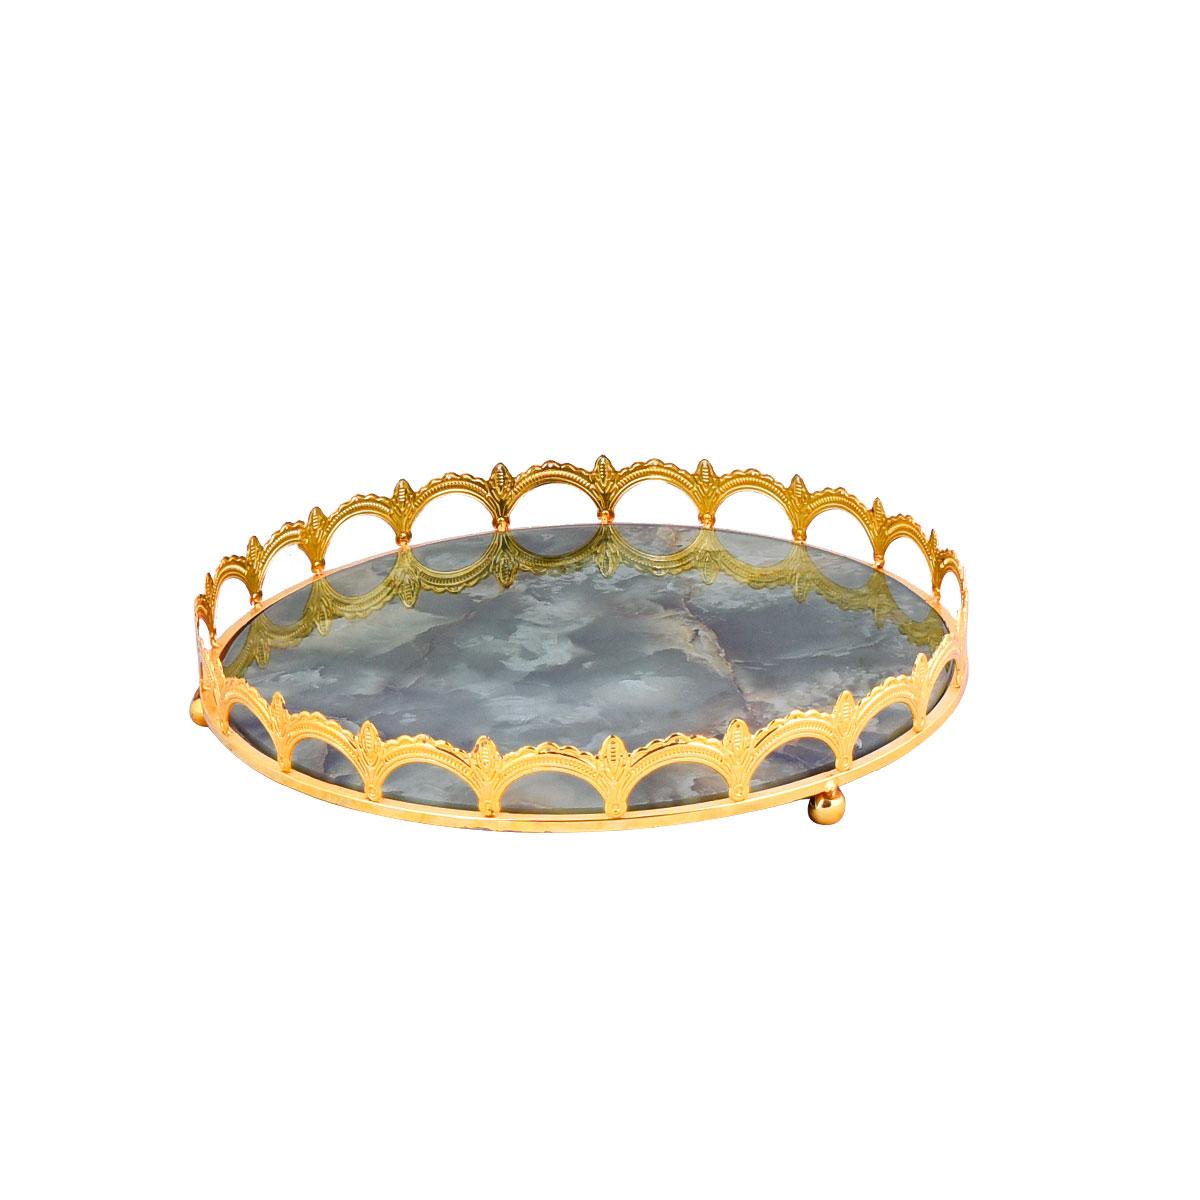 طفرية تقديم ذهبي رخامي , رقم YM-20764